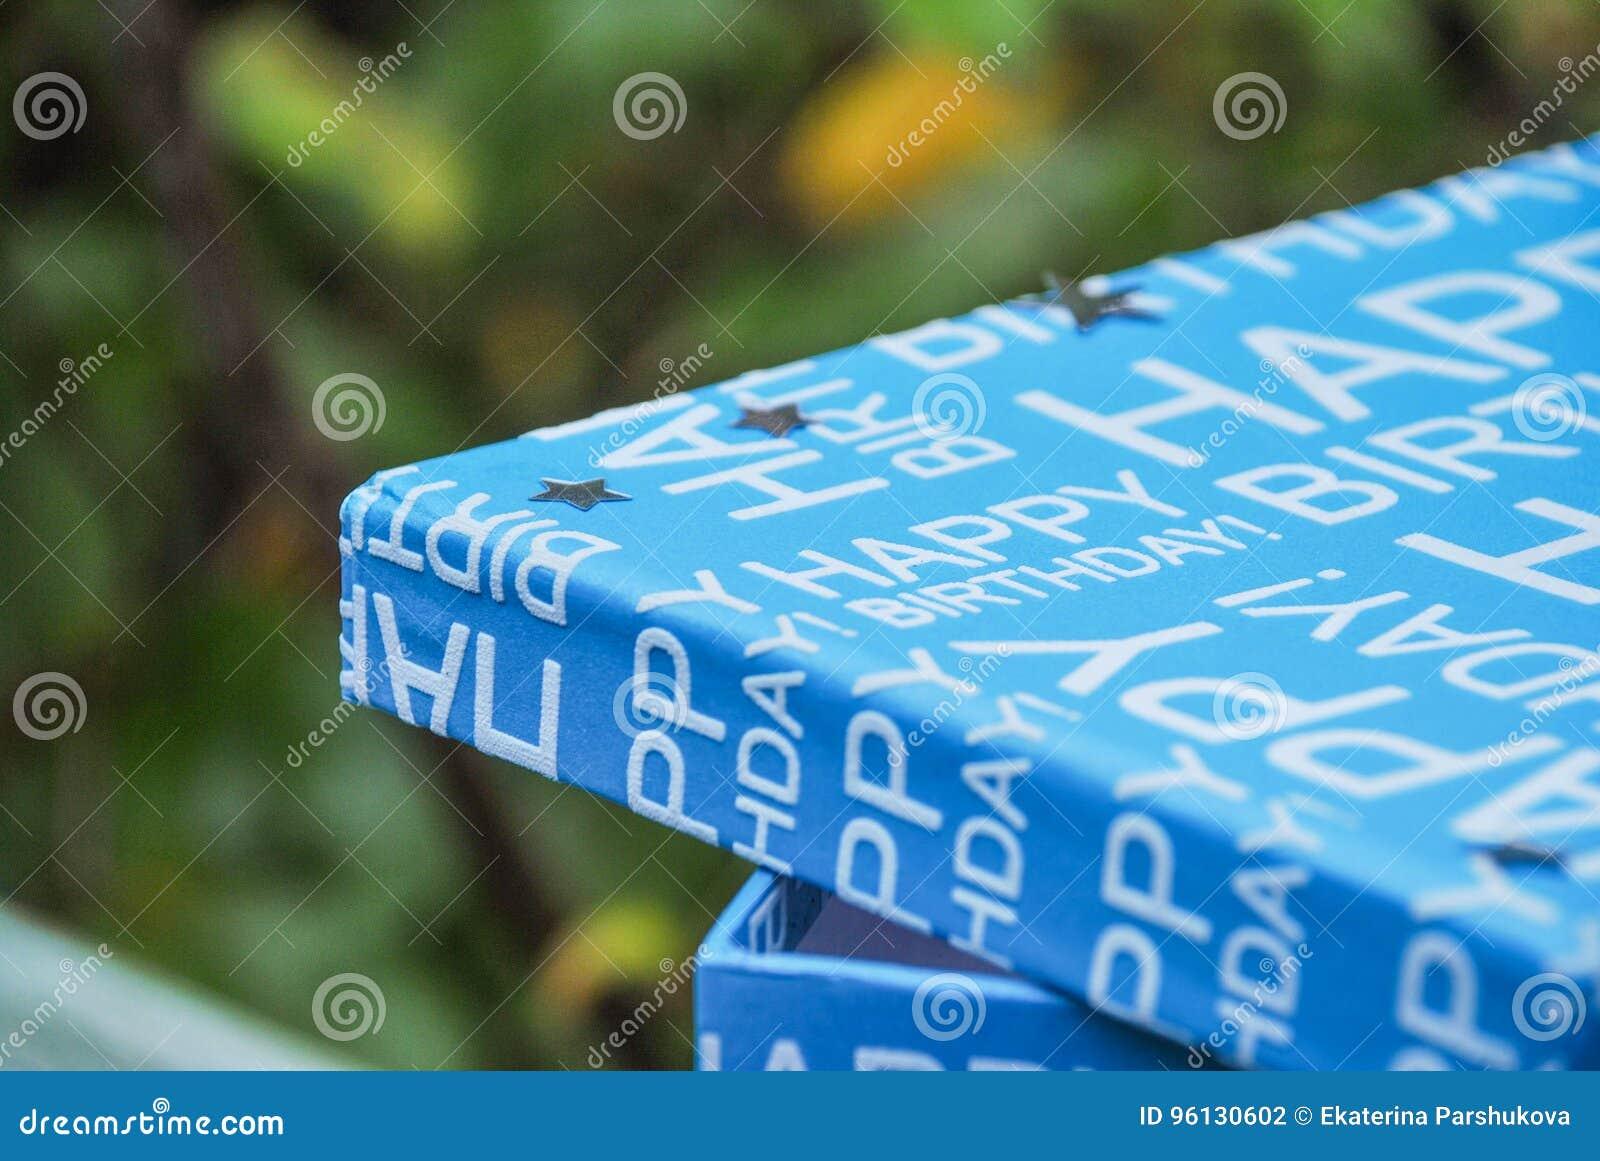 Wszystkiego Najlepszego Z Okazji Urodzin pudełko z srebrem gra główna rolę na deklu Teraźniejszość w błękitnym pudełku, chłopiec